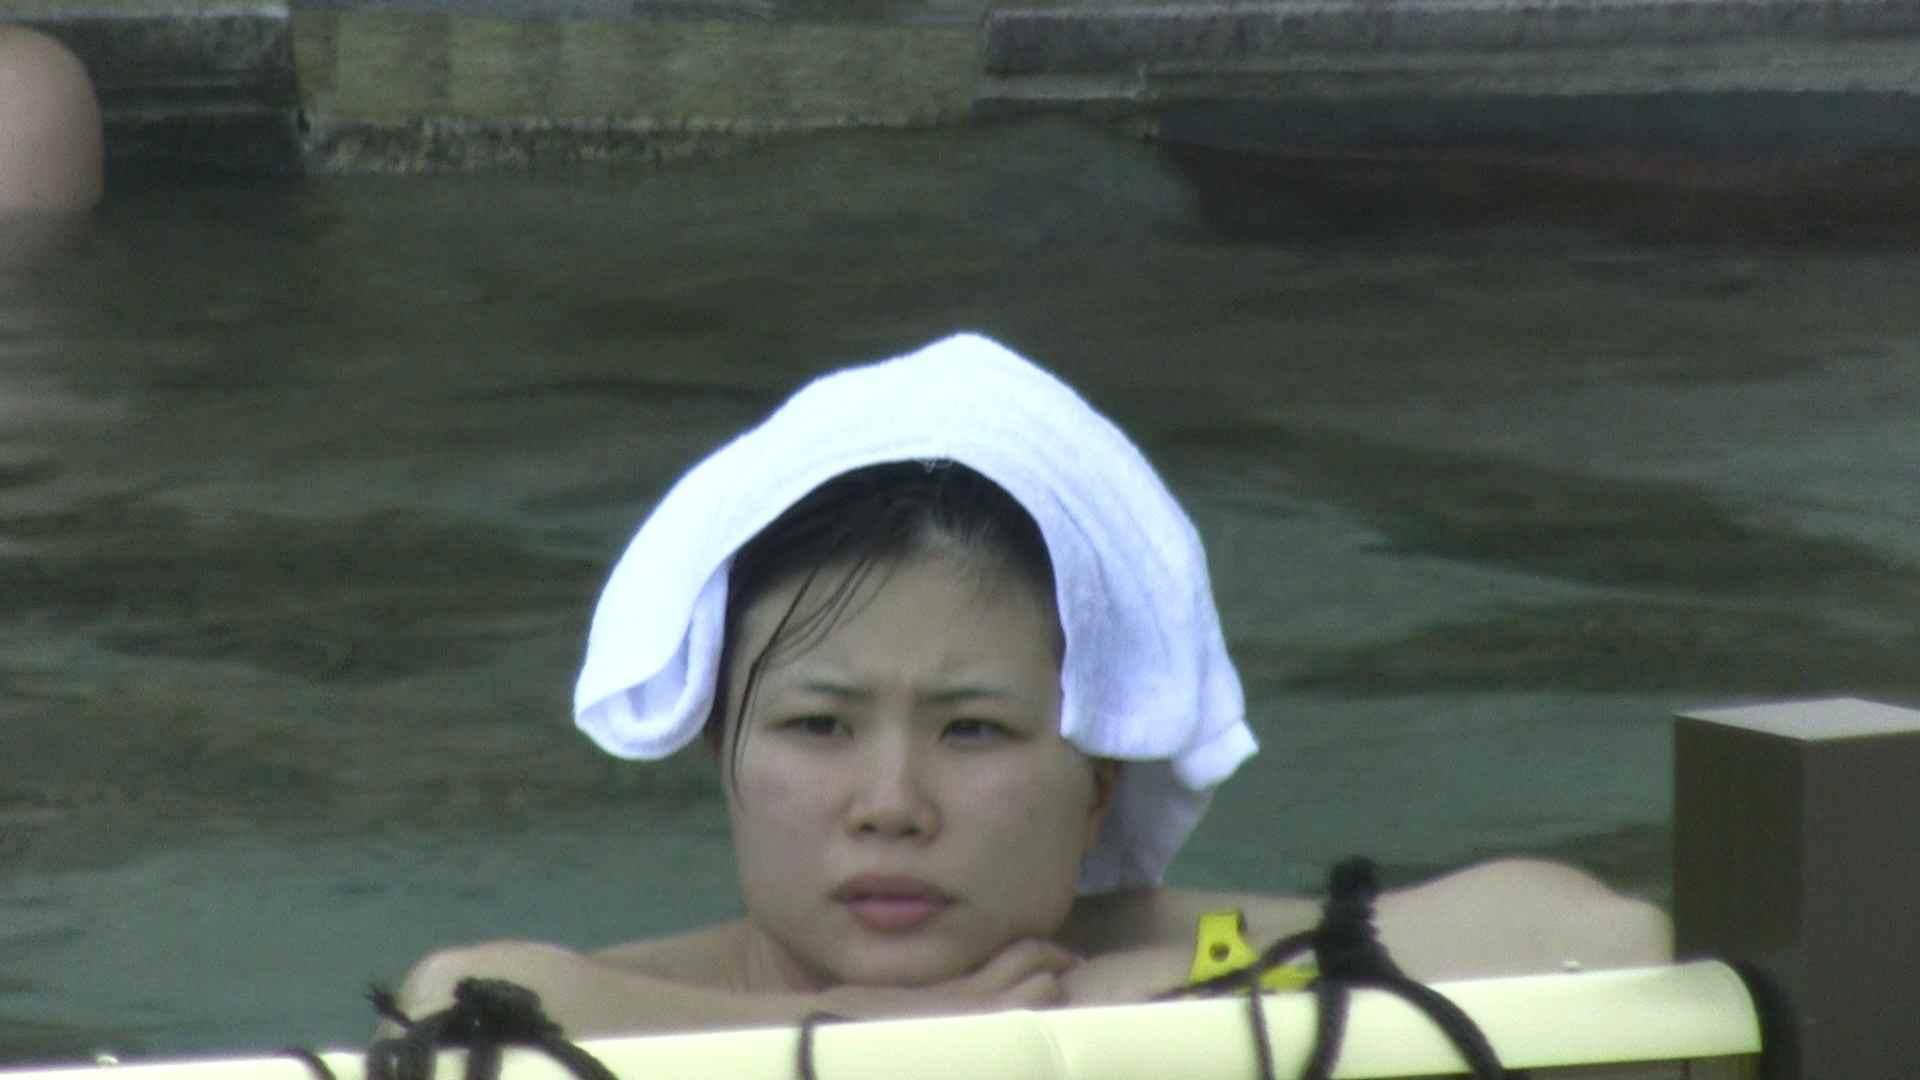 Aquaな露天風呂Vol.183 盗撮  69画像 21